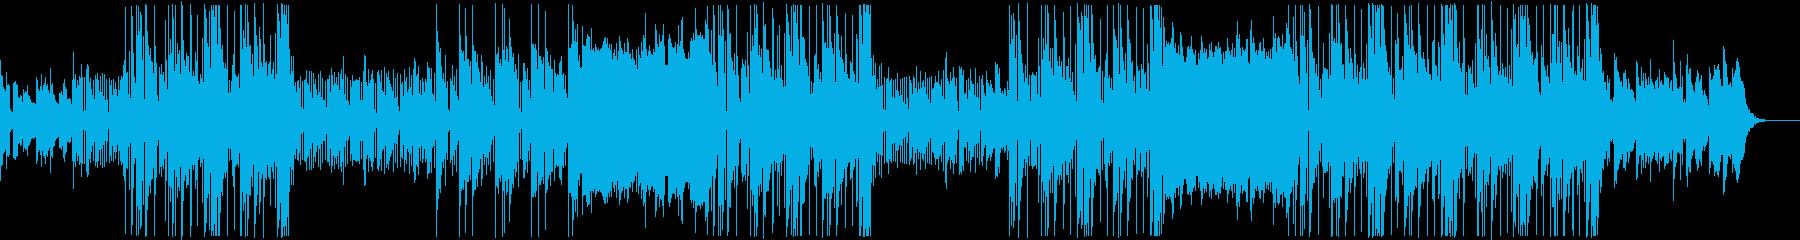 ポップな洋楽トラップビートの再生済みの波形